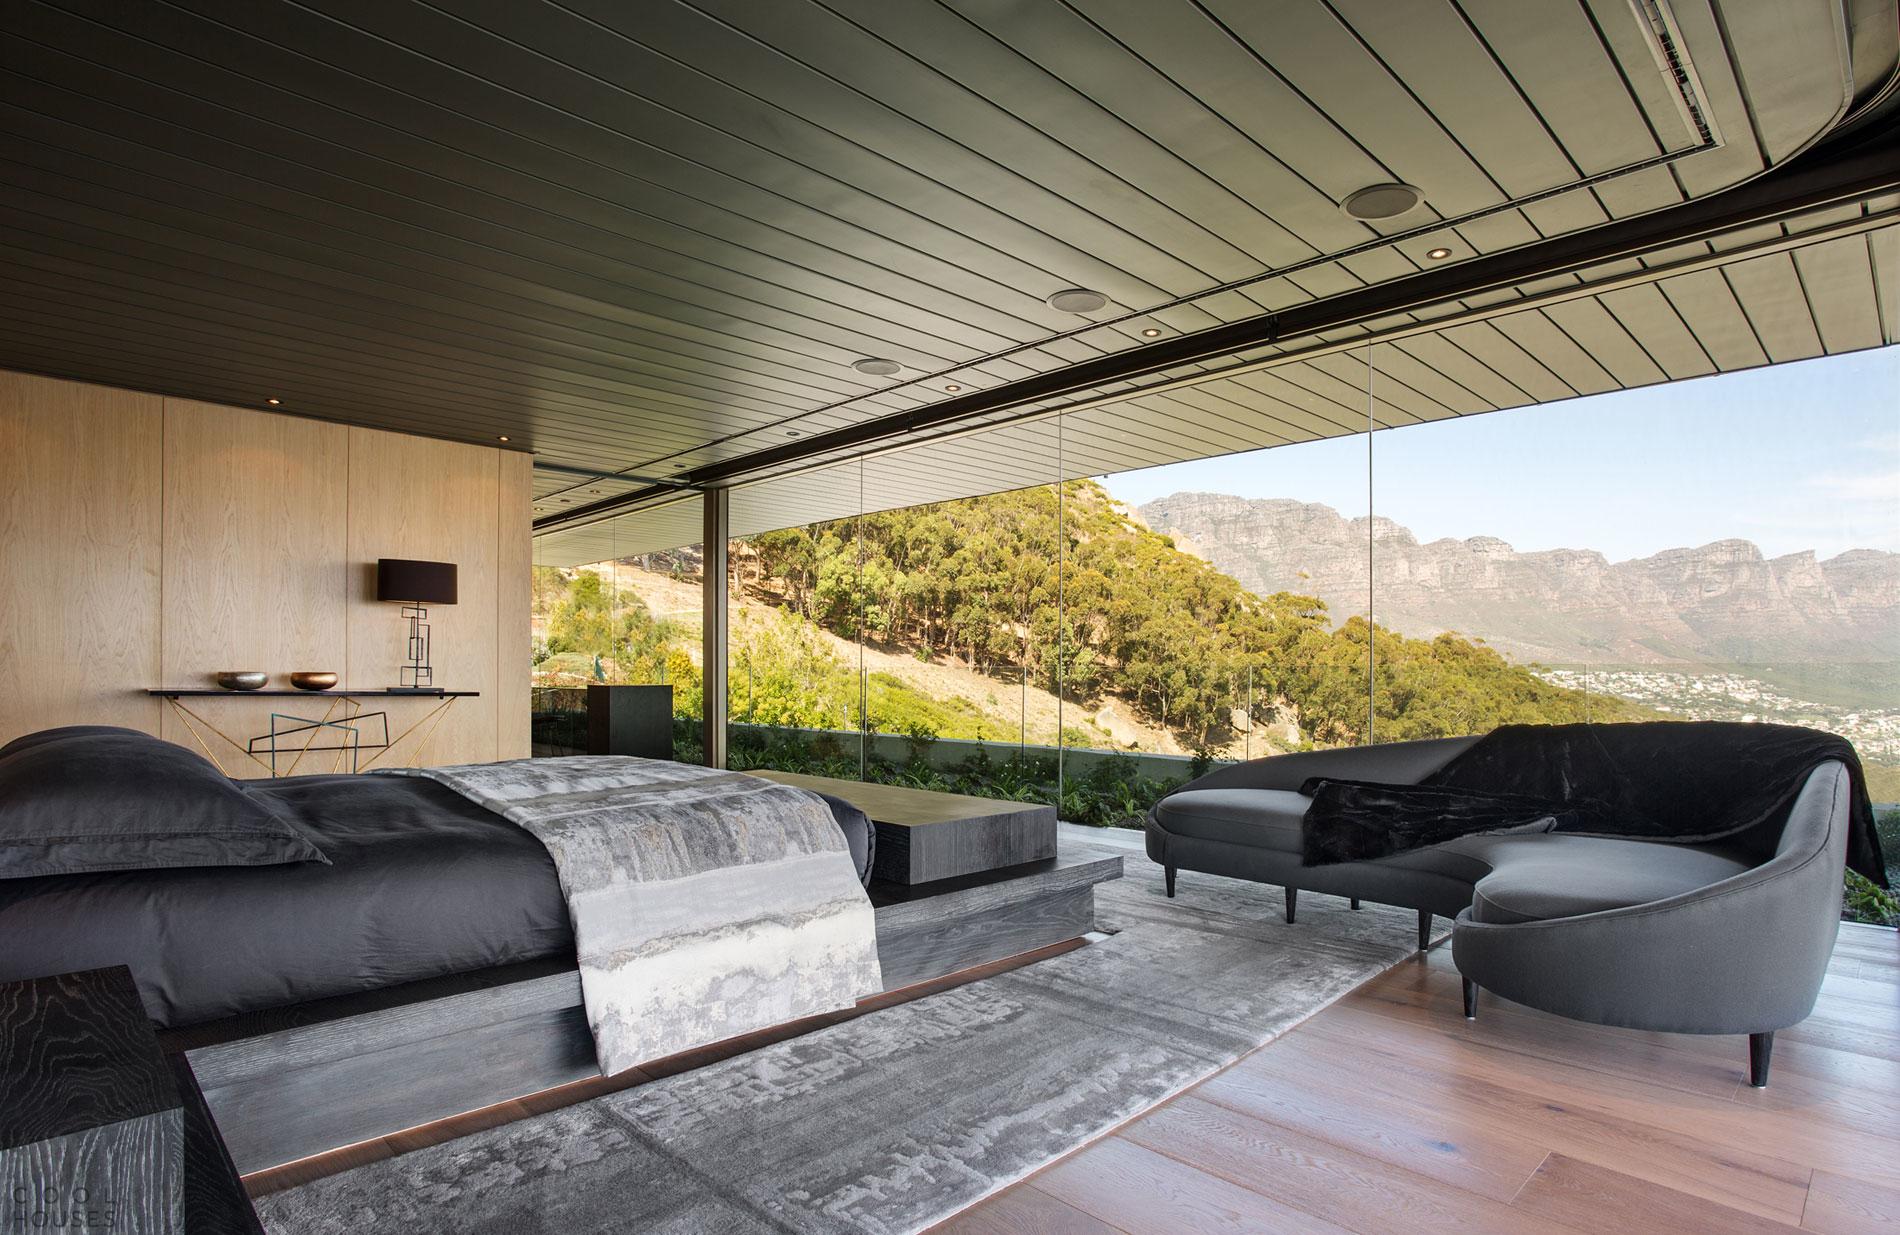 Загородная вилла у подножья горы Львиная Голова в Южной Африке